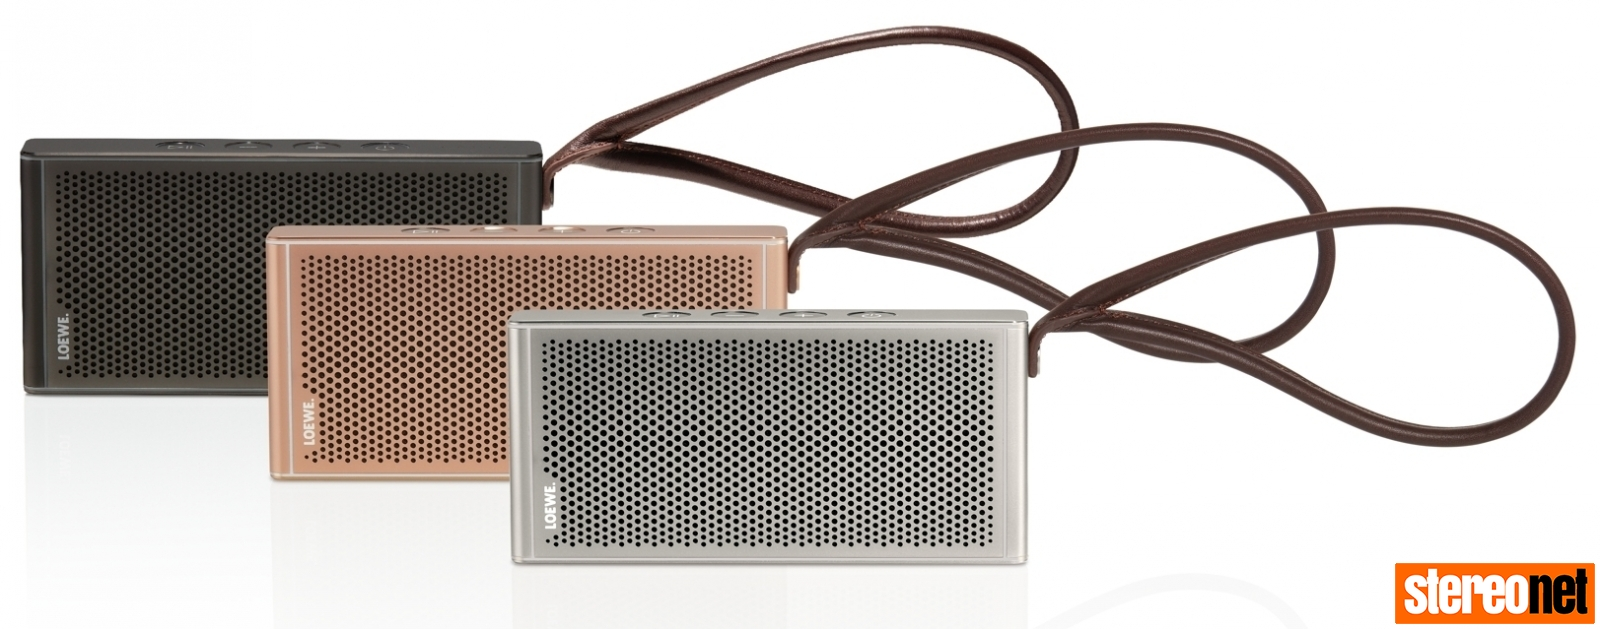 loewe klang m1 portable speaker